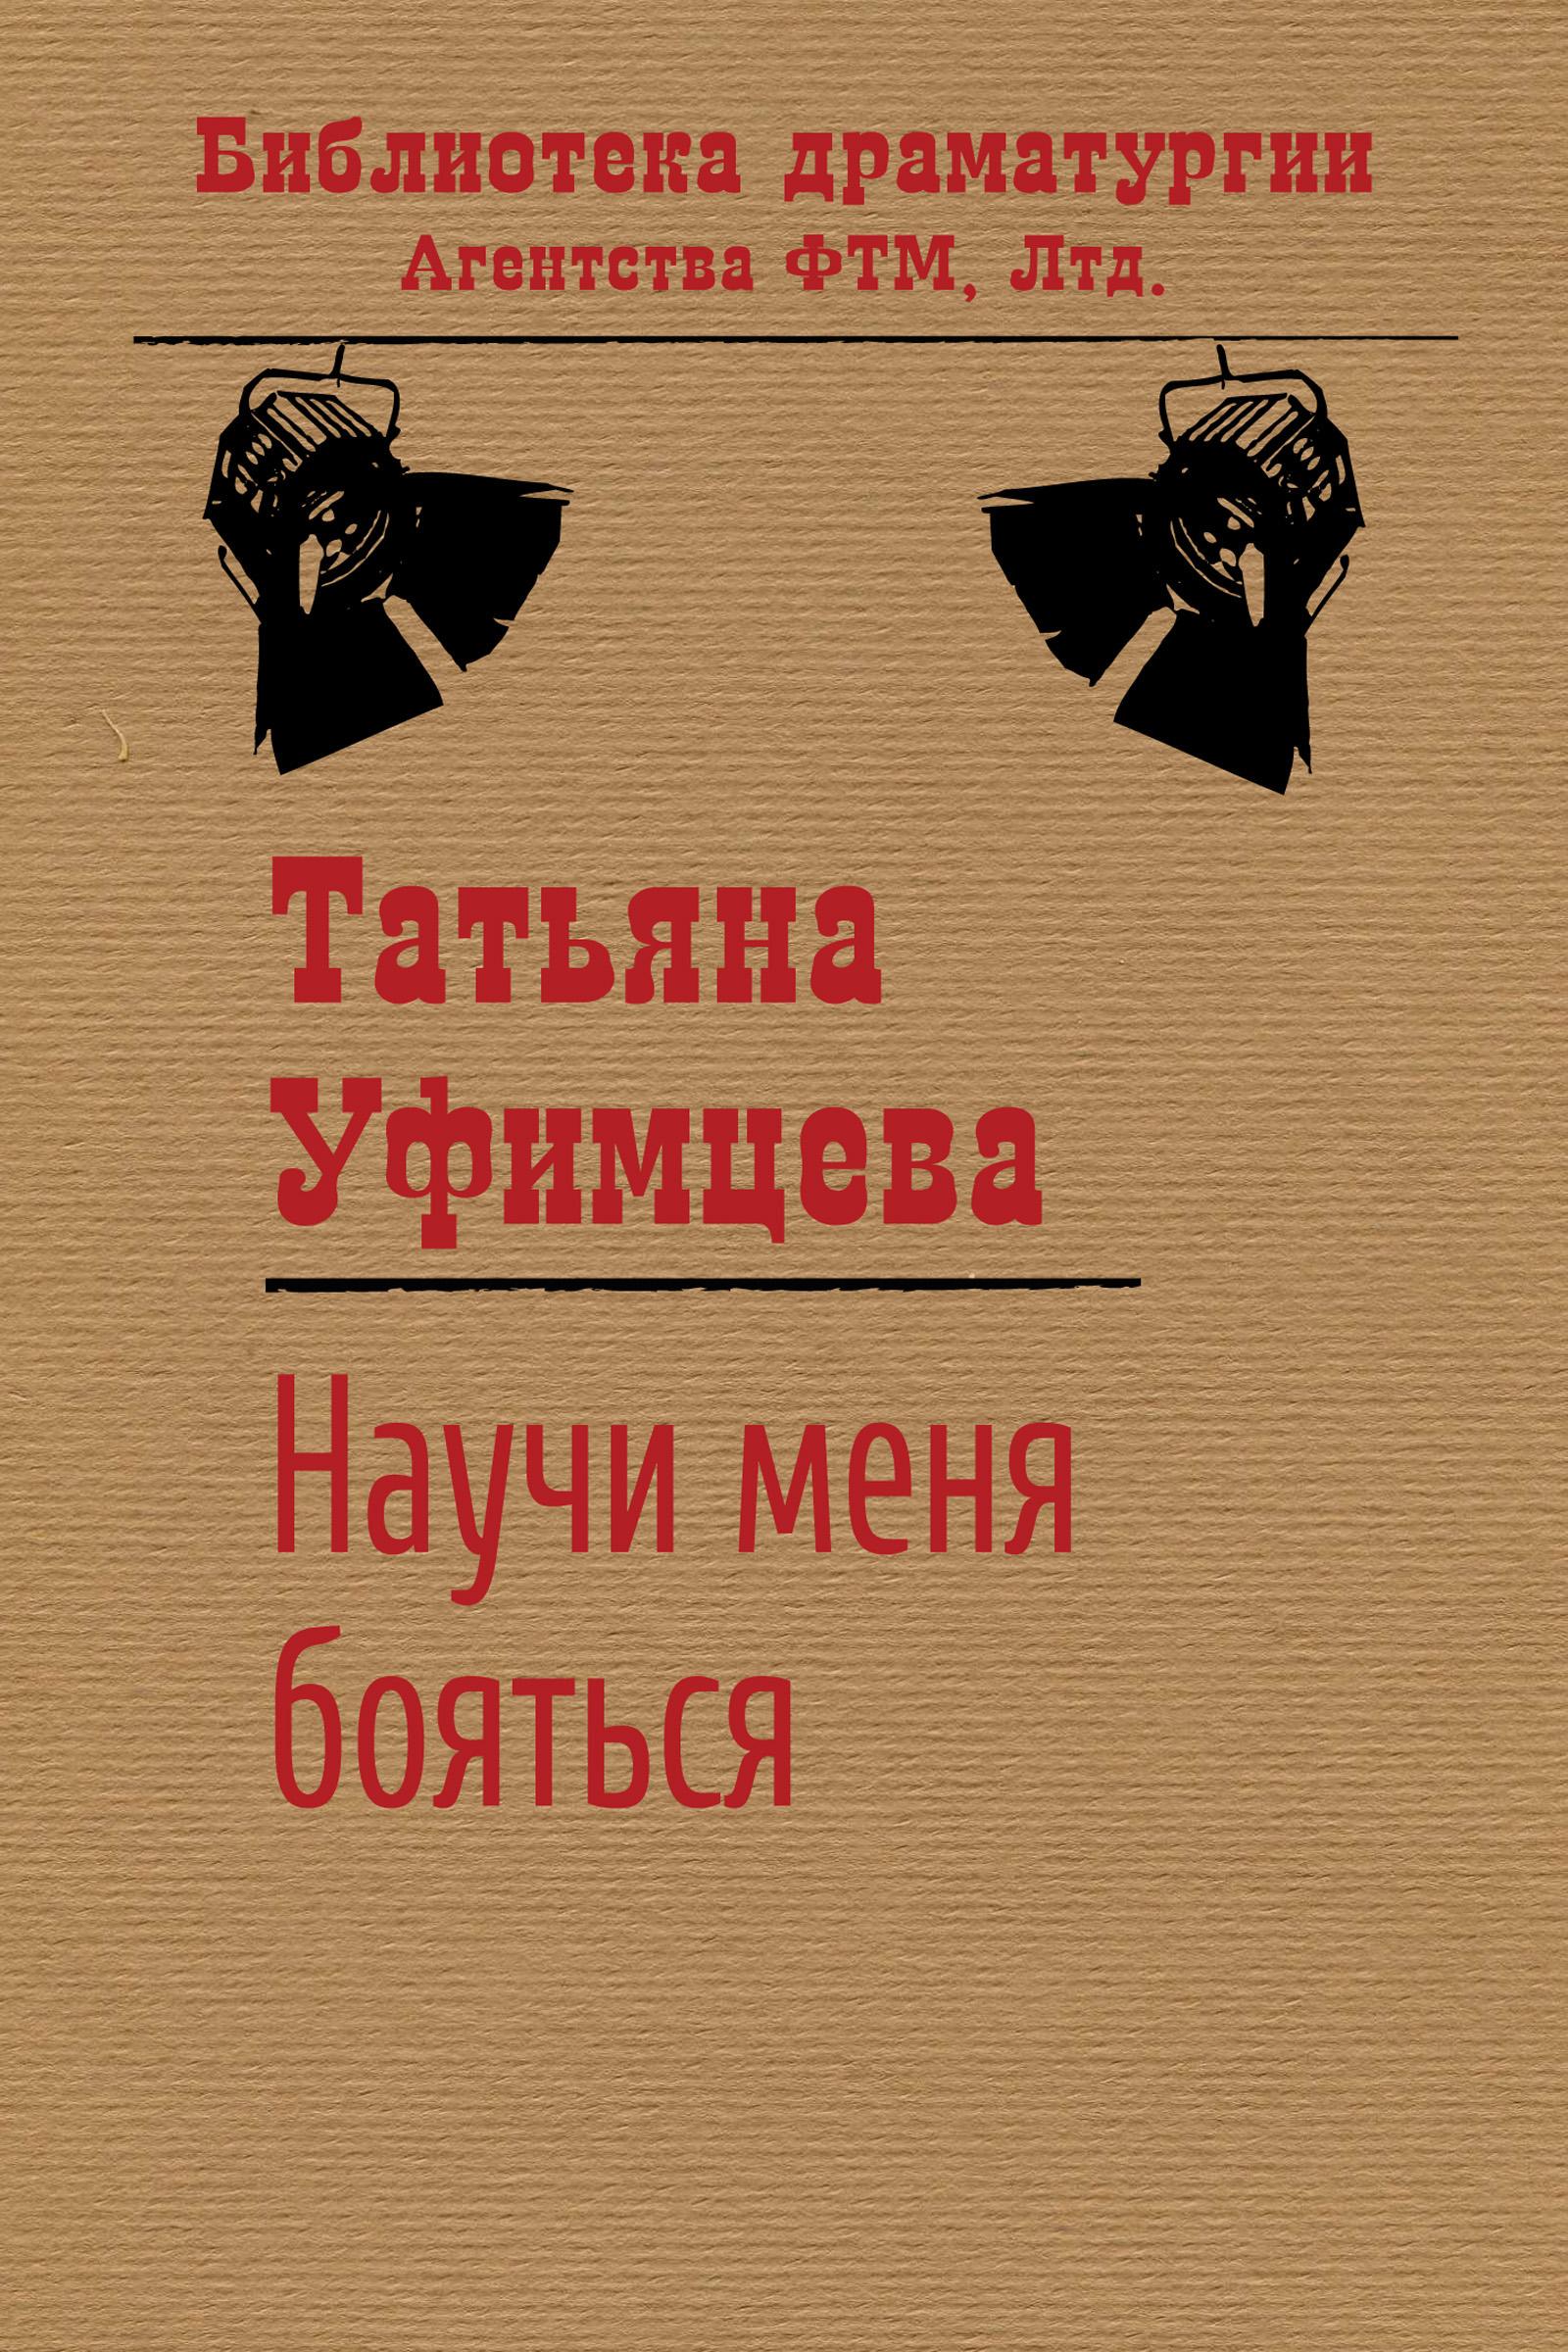 Научи меня бояться ( Татьяна Уфимцева  )